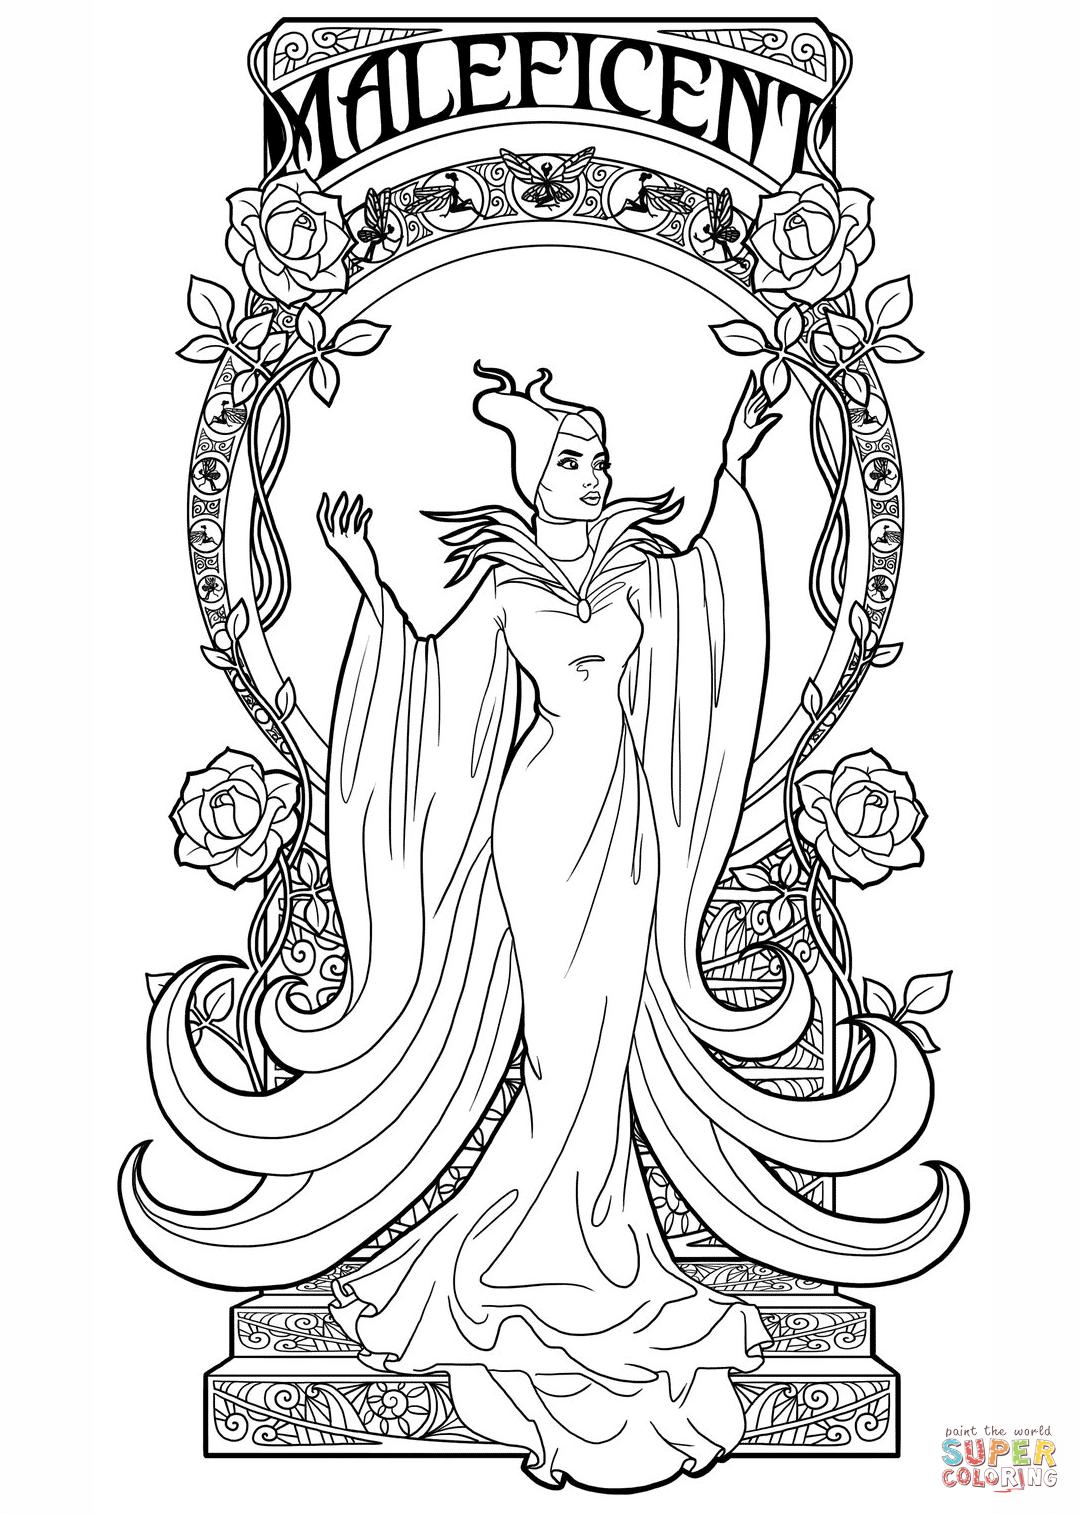 1080x1514 Art Nouveau Maleficent Coloring Page Pages